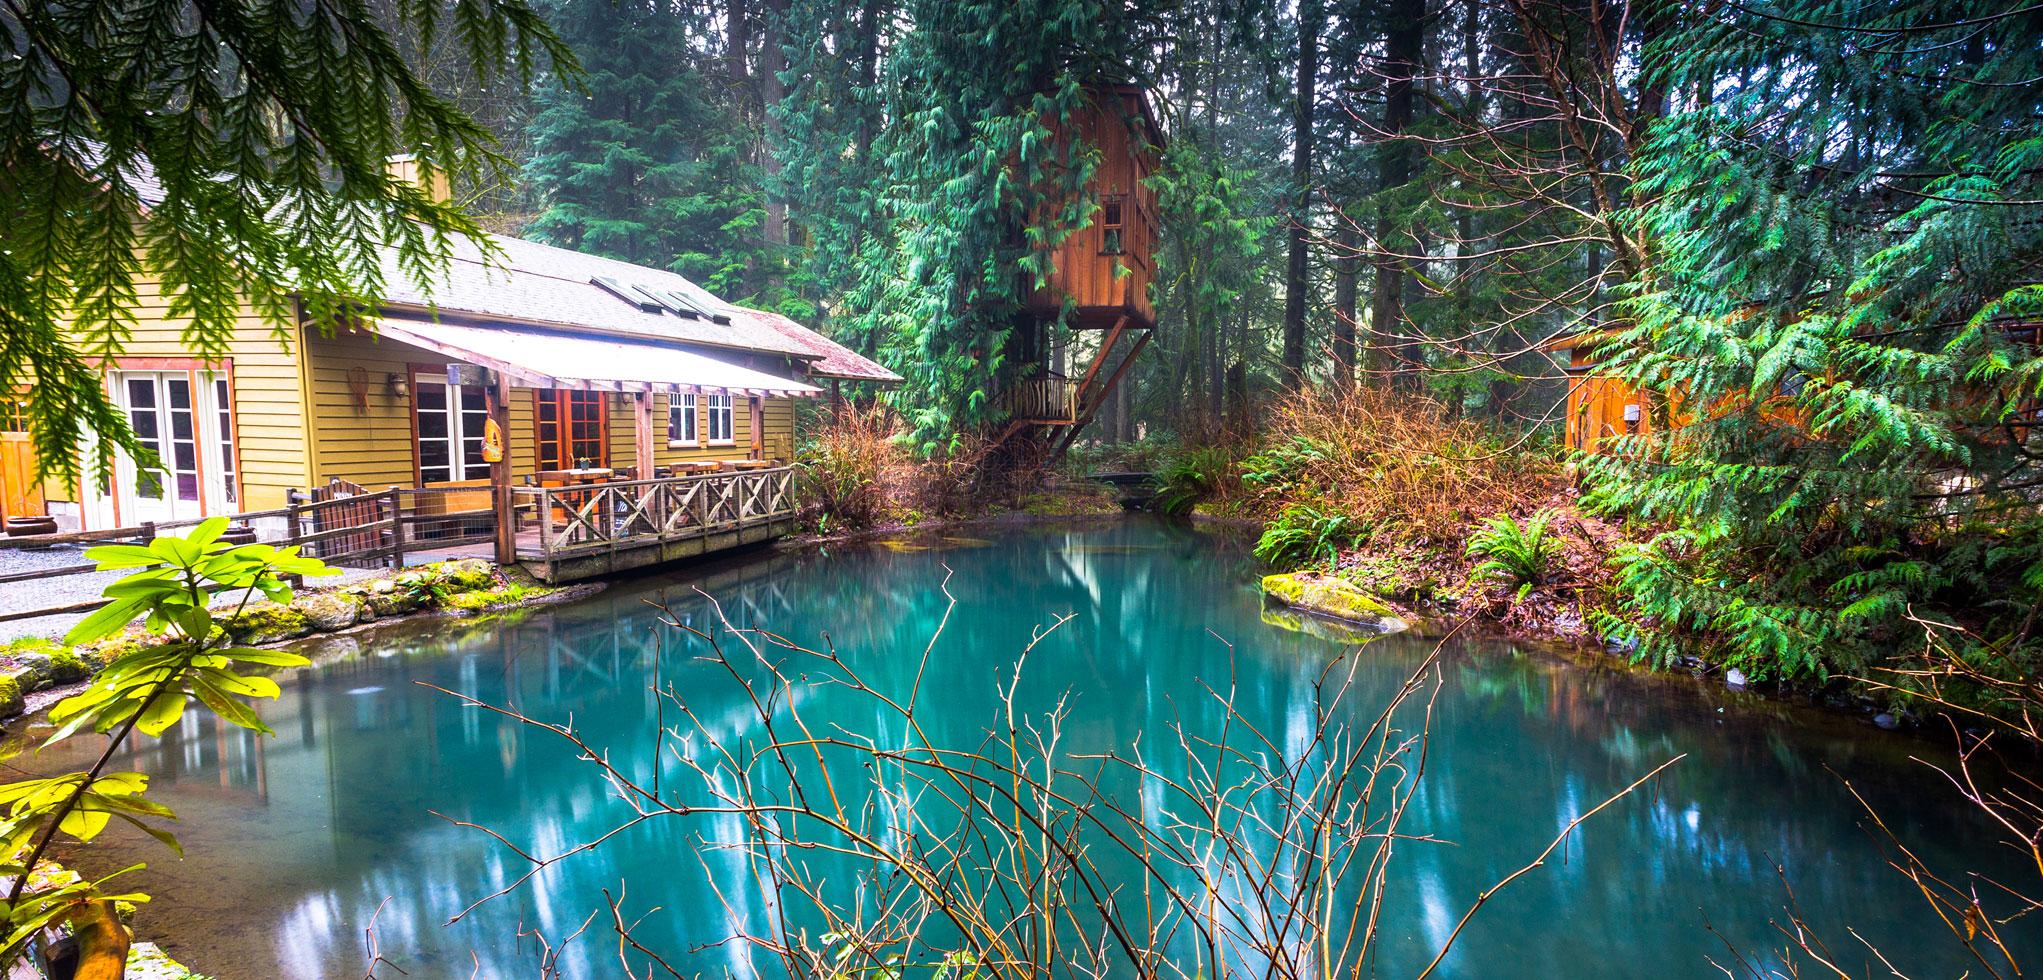 Treehouse Fall City Wa Part - 38: TreeHouse Photos At Treehouse Point In Fall City Washington